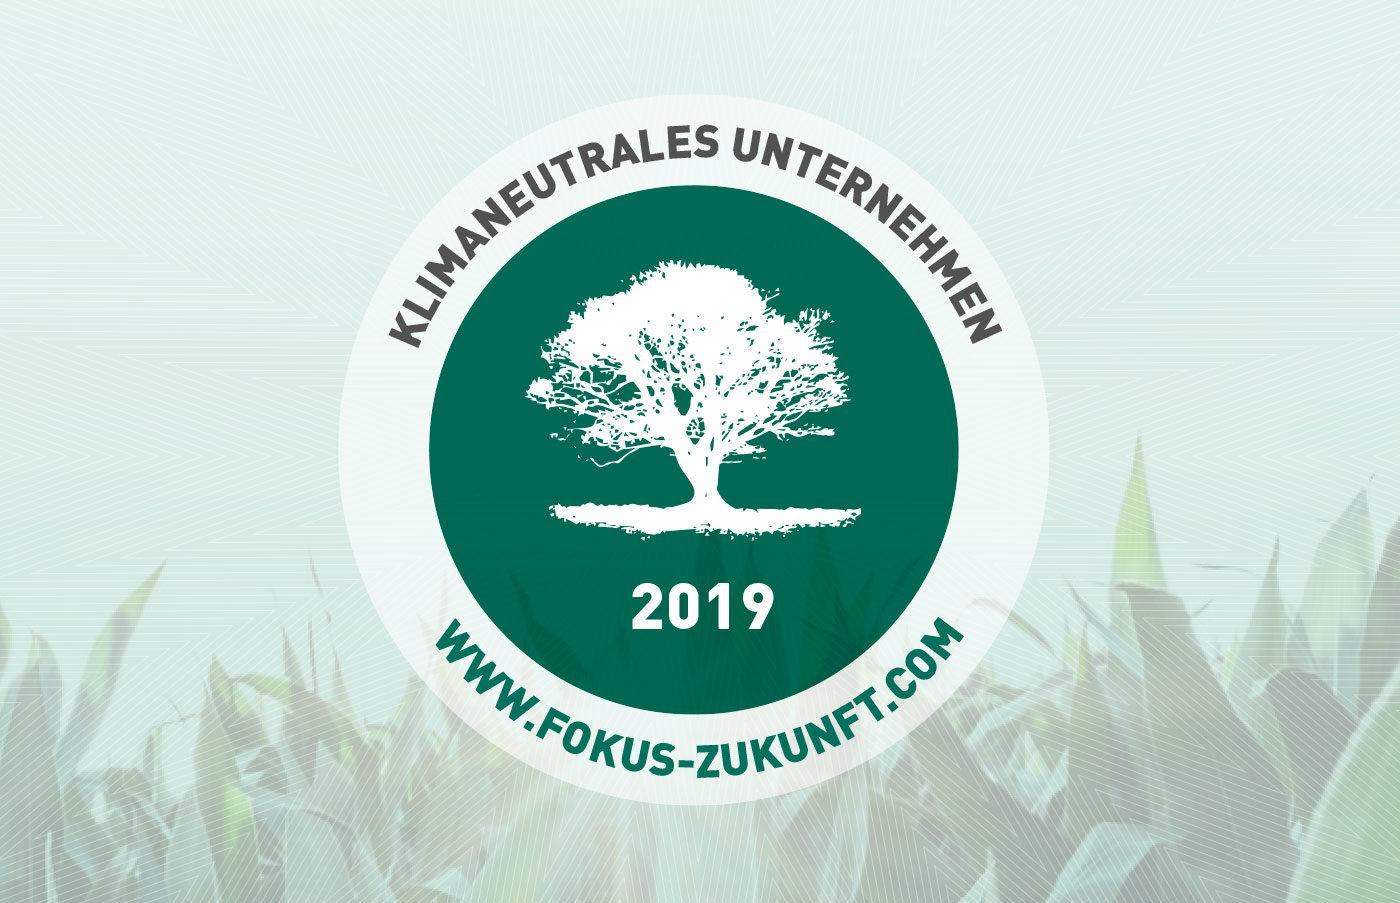 Klimaneutrales Unternehmen 2019